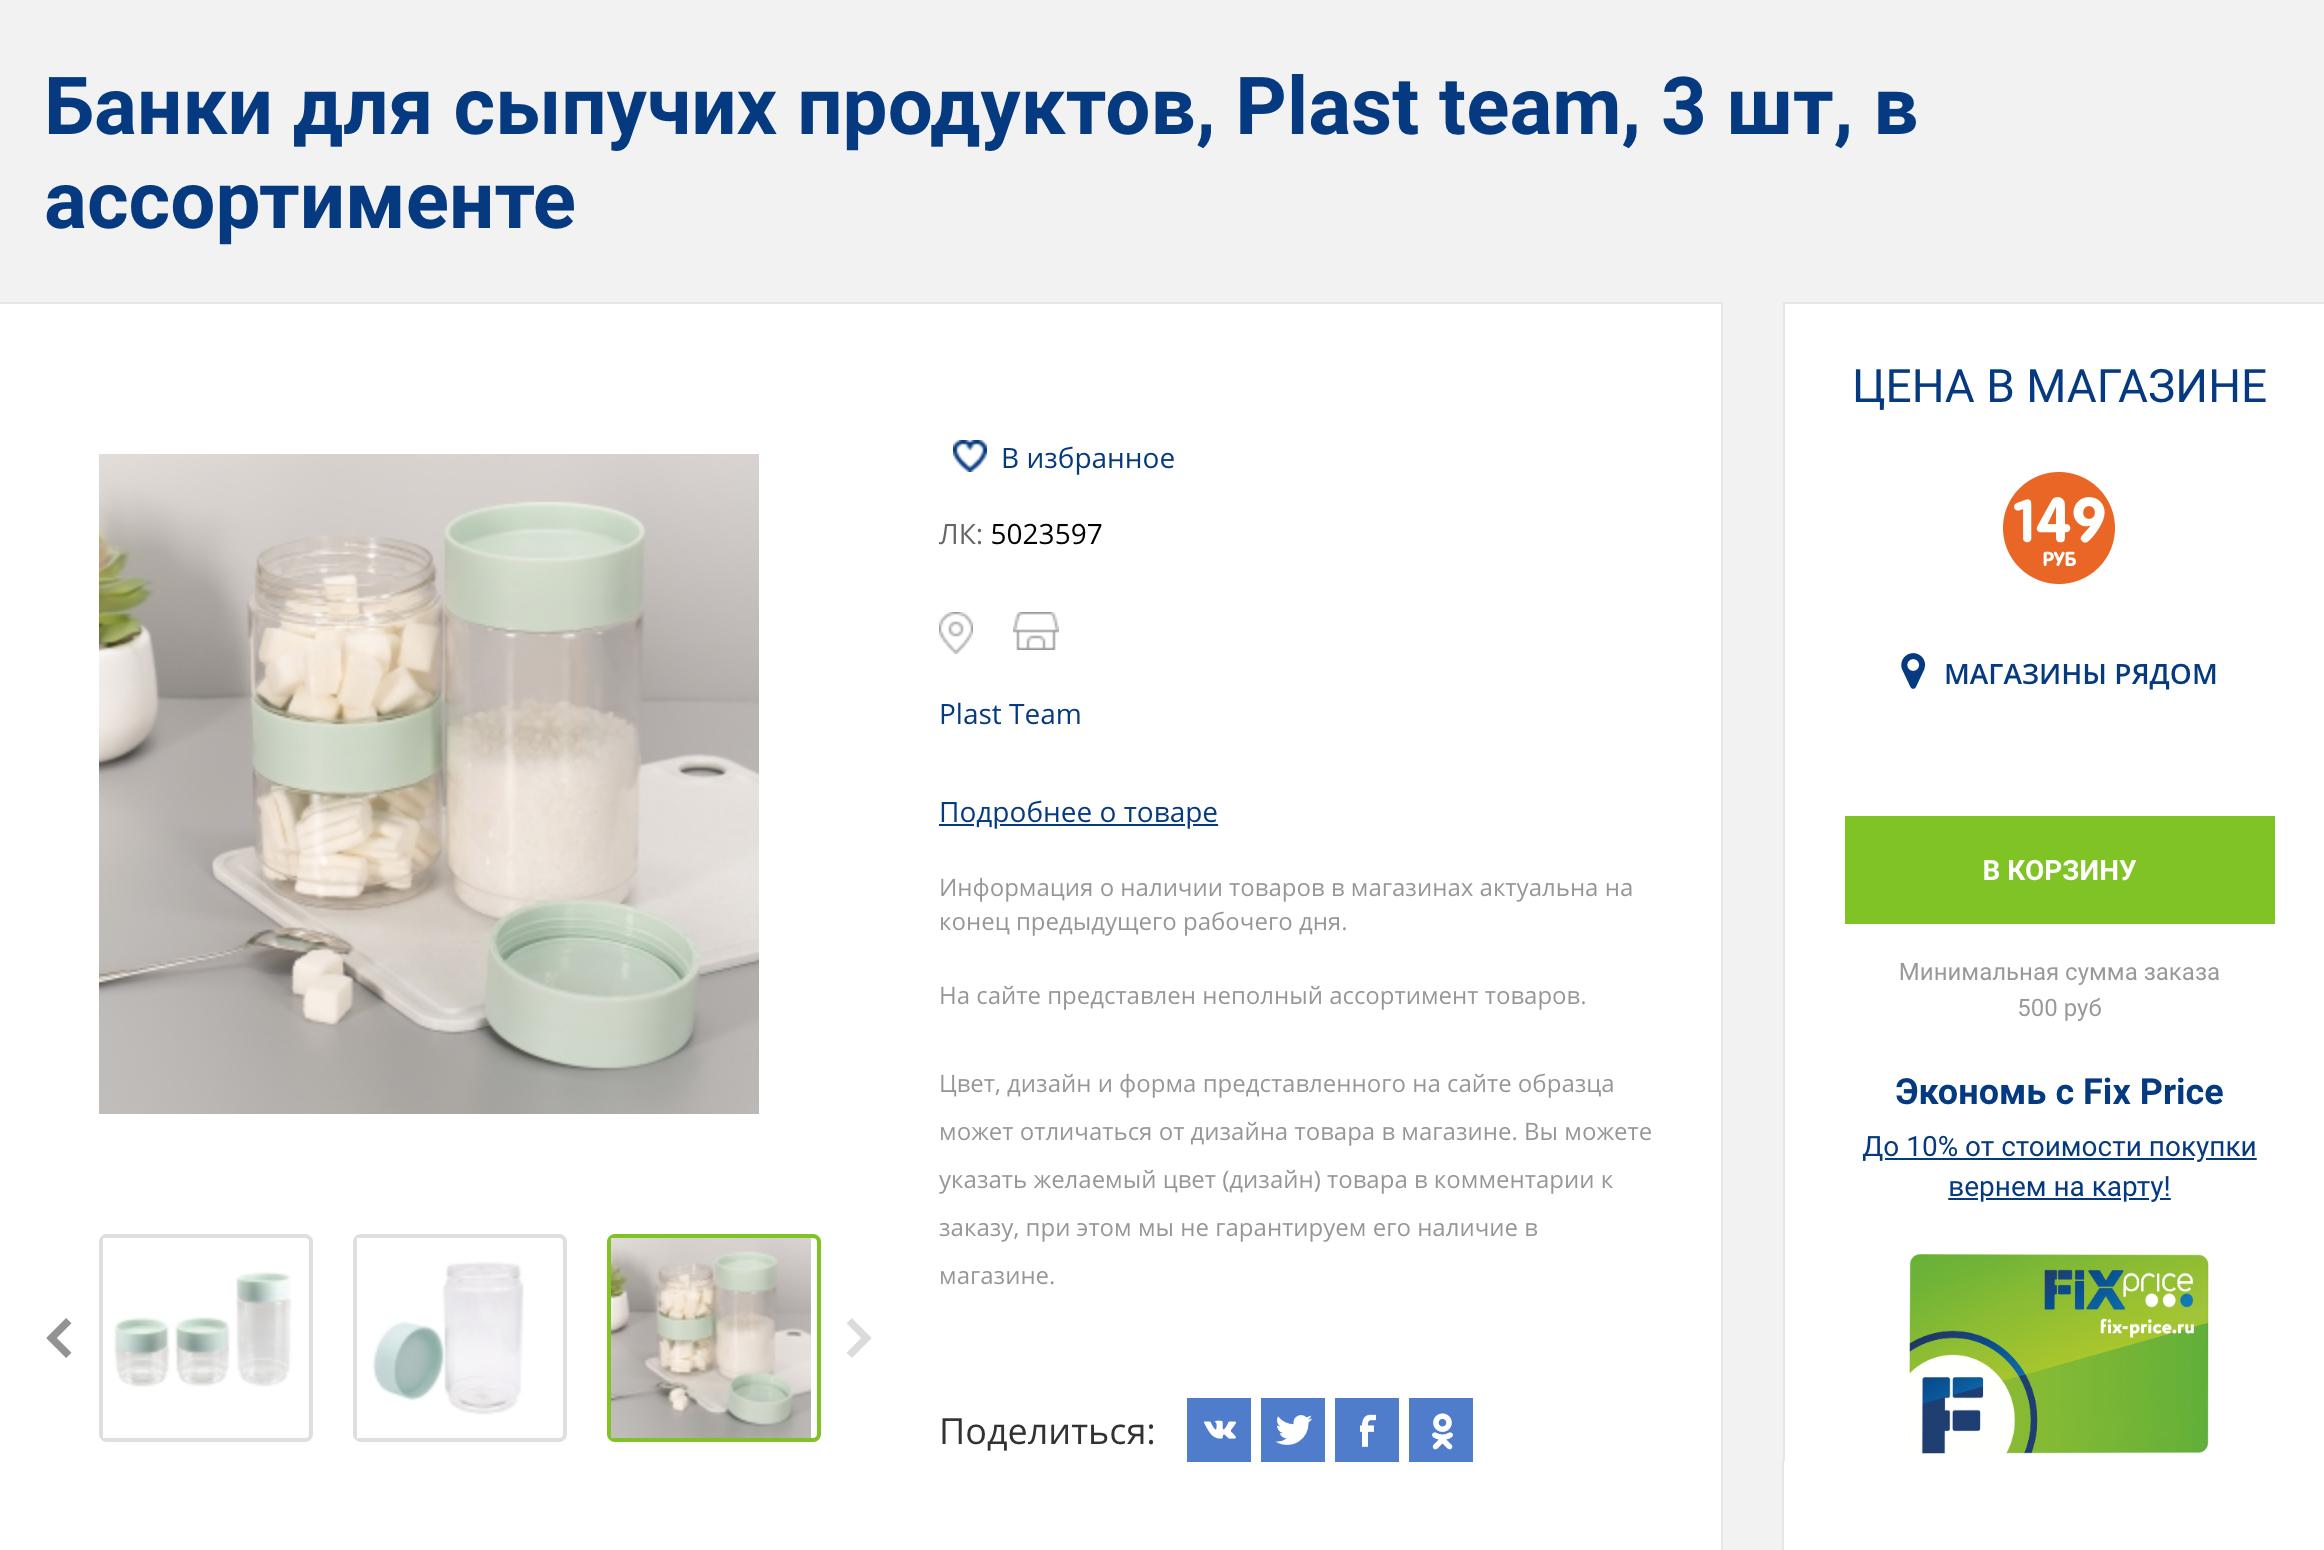 Пластиковые банки нашла в«Фикс-прайсе», купила три набора, храню вних чай икрупы